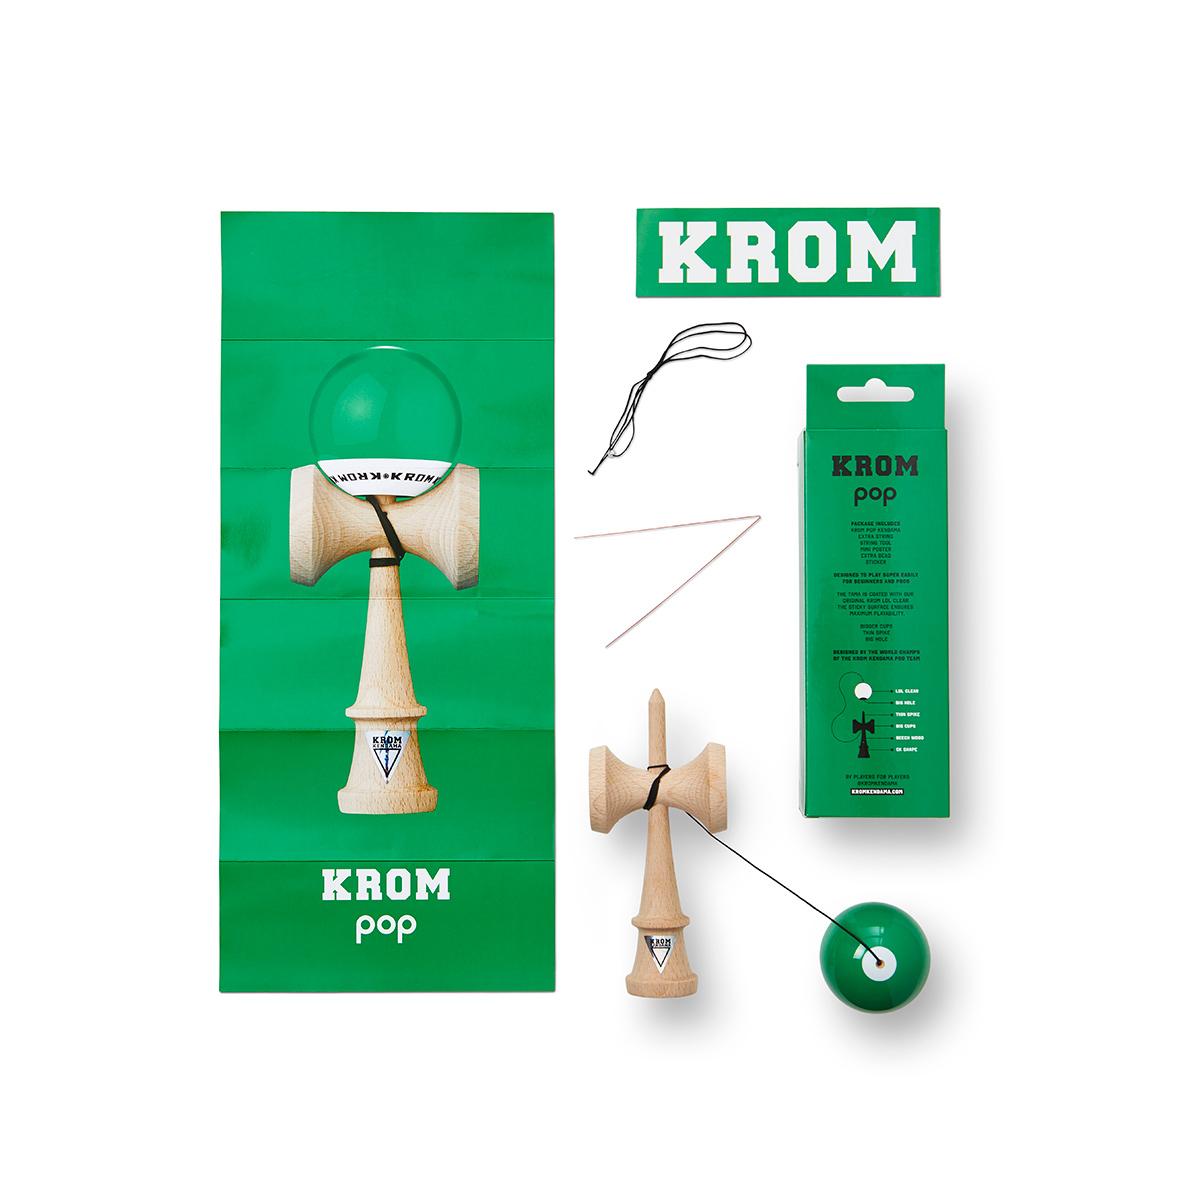 KROM POP LOL - DARK GREEN